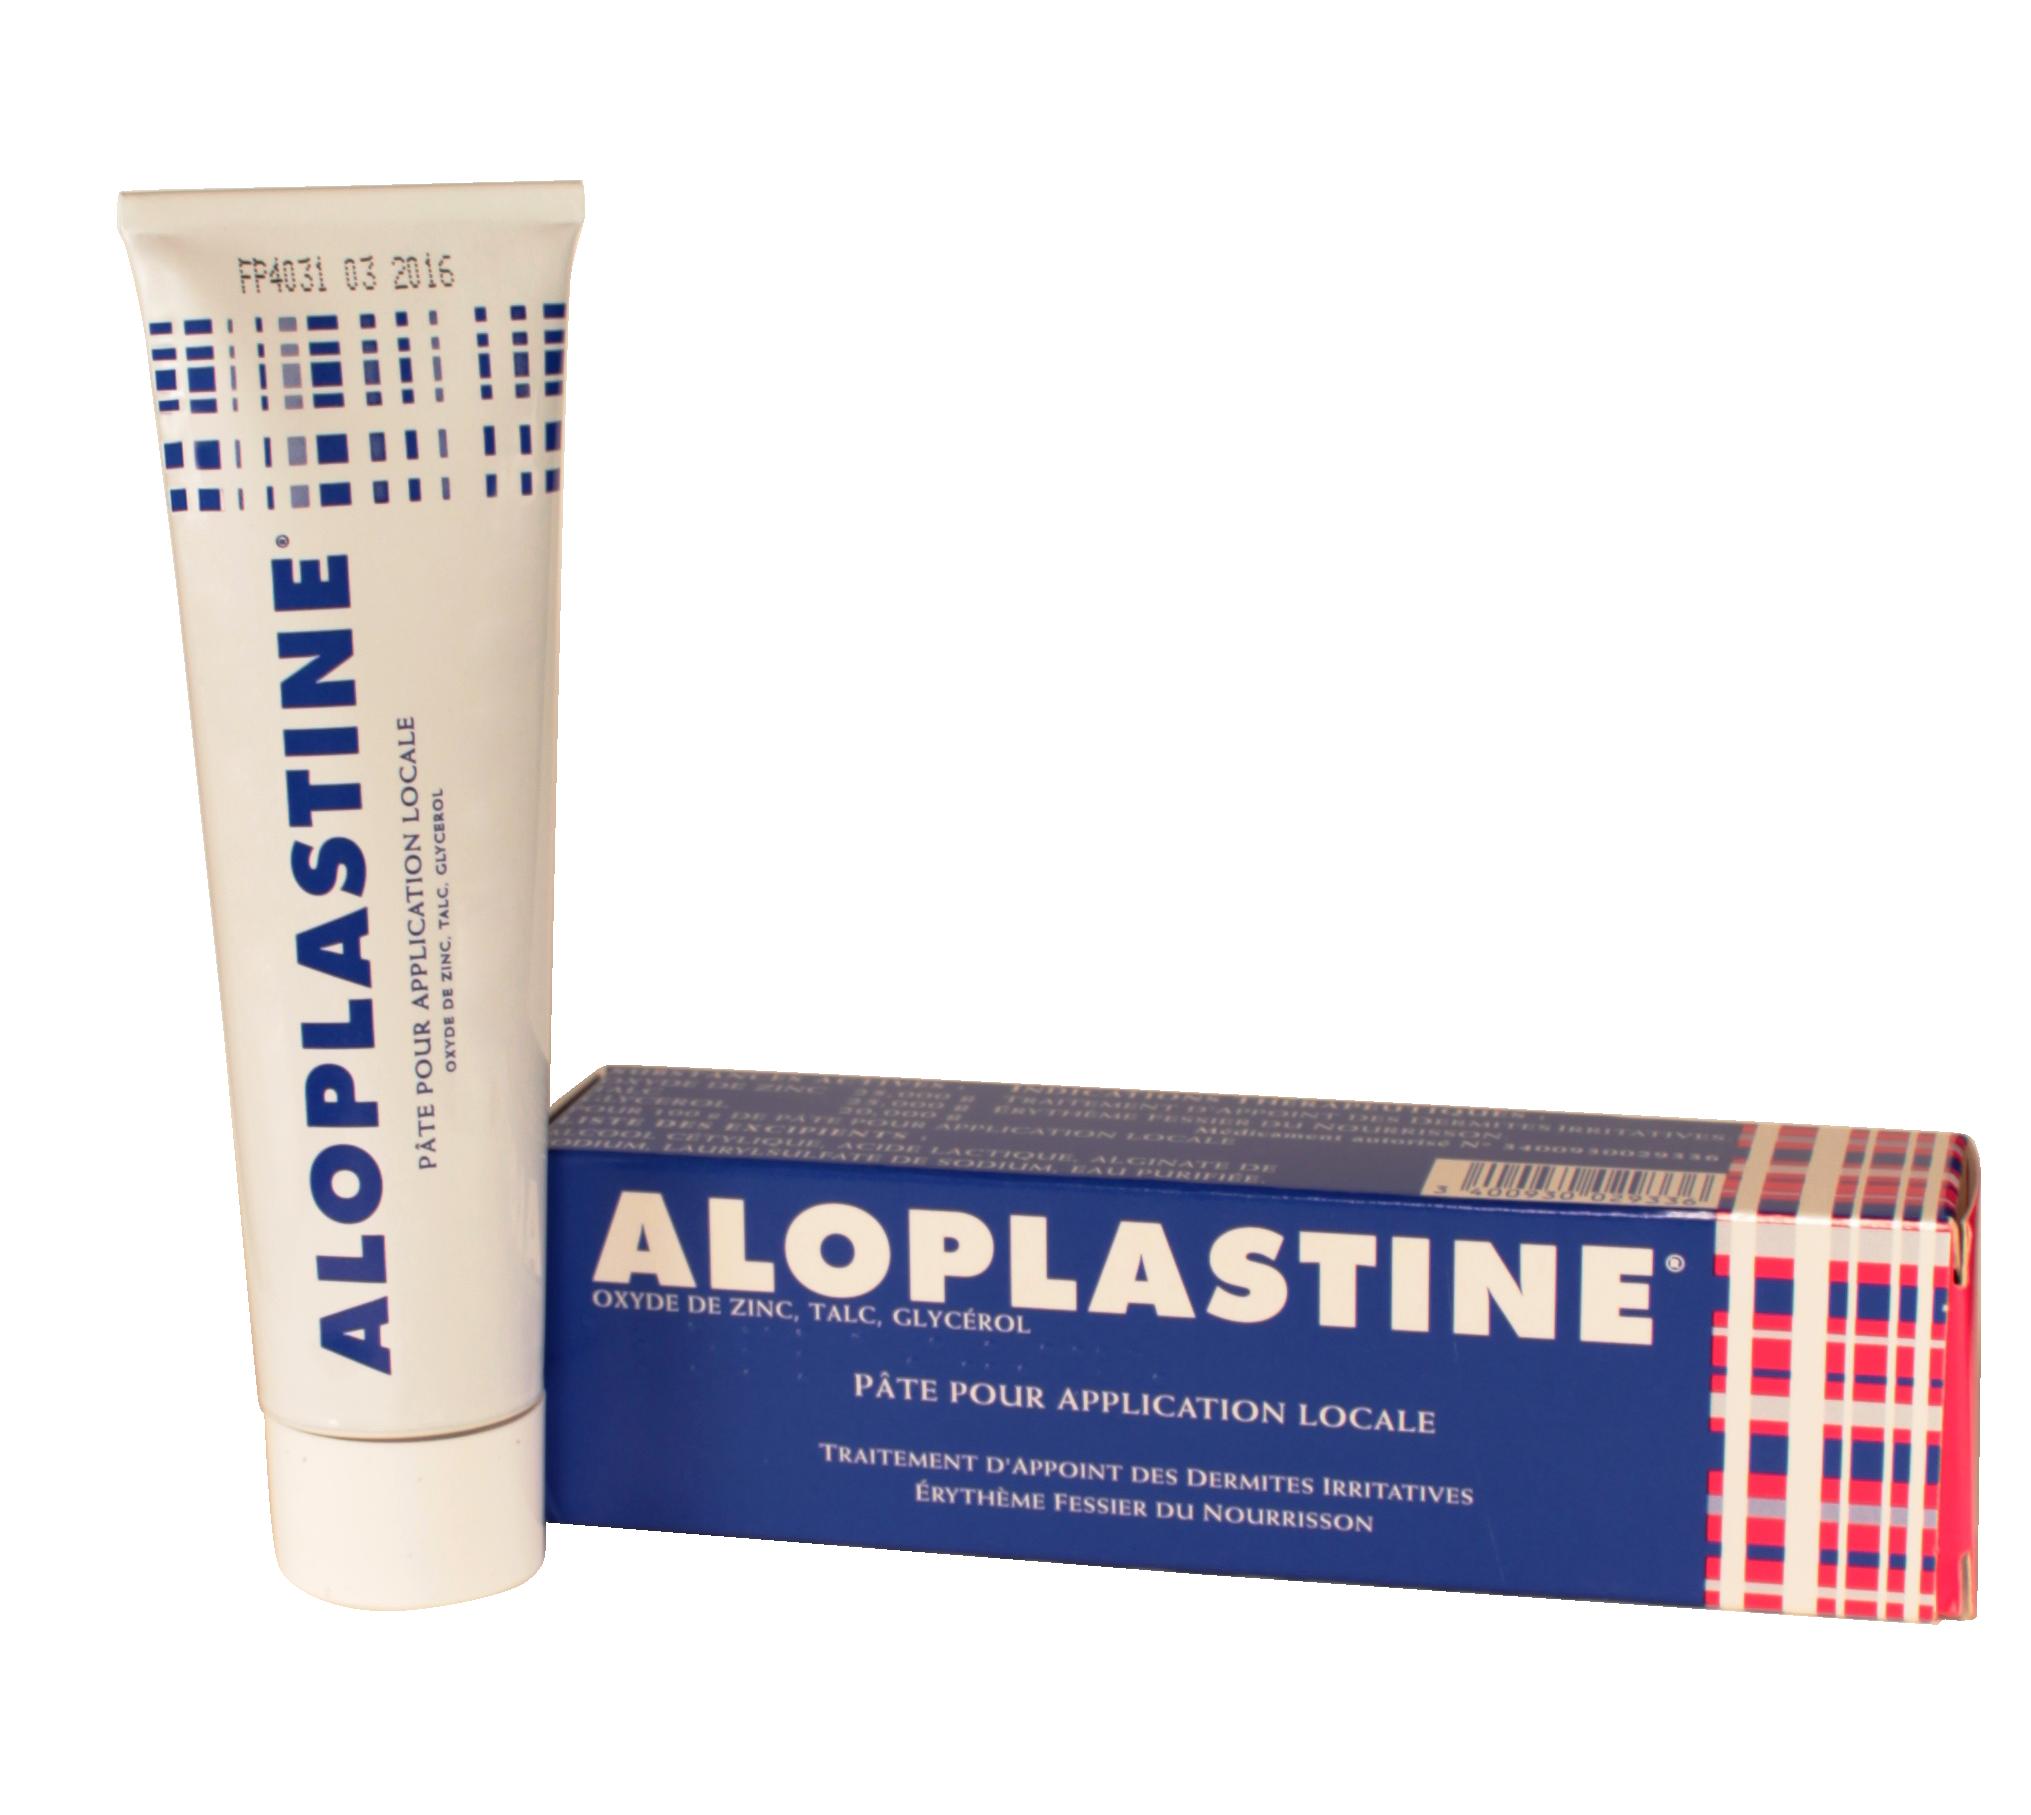 aloplastine